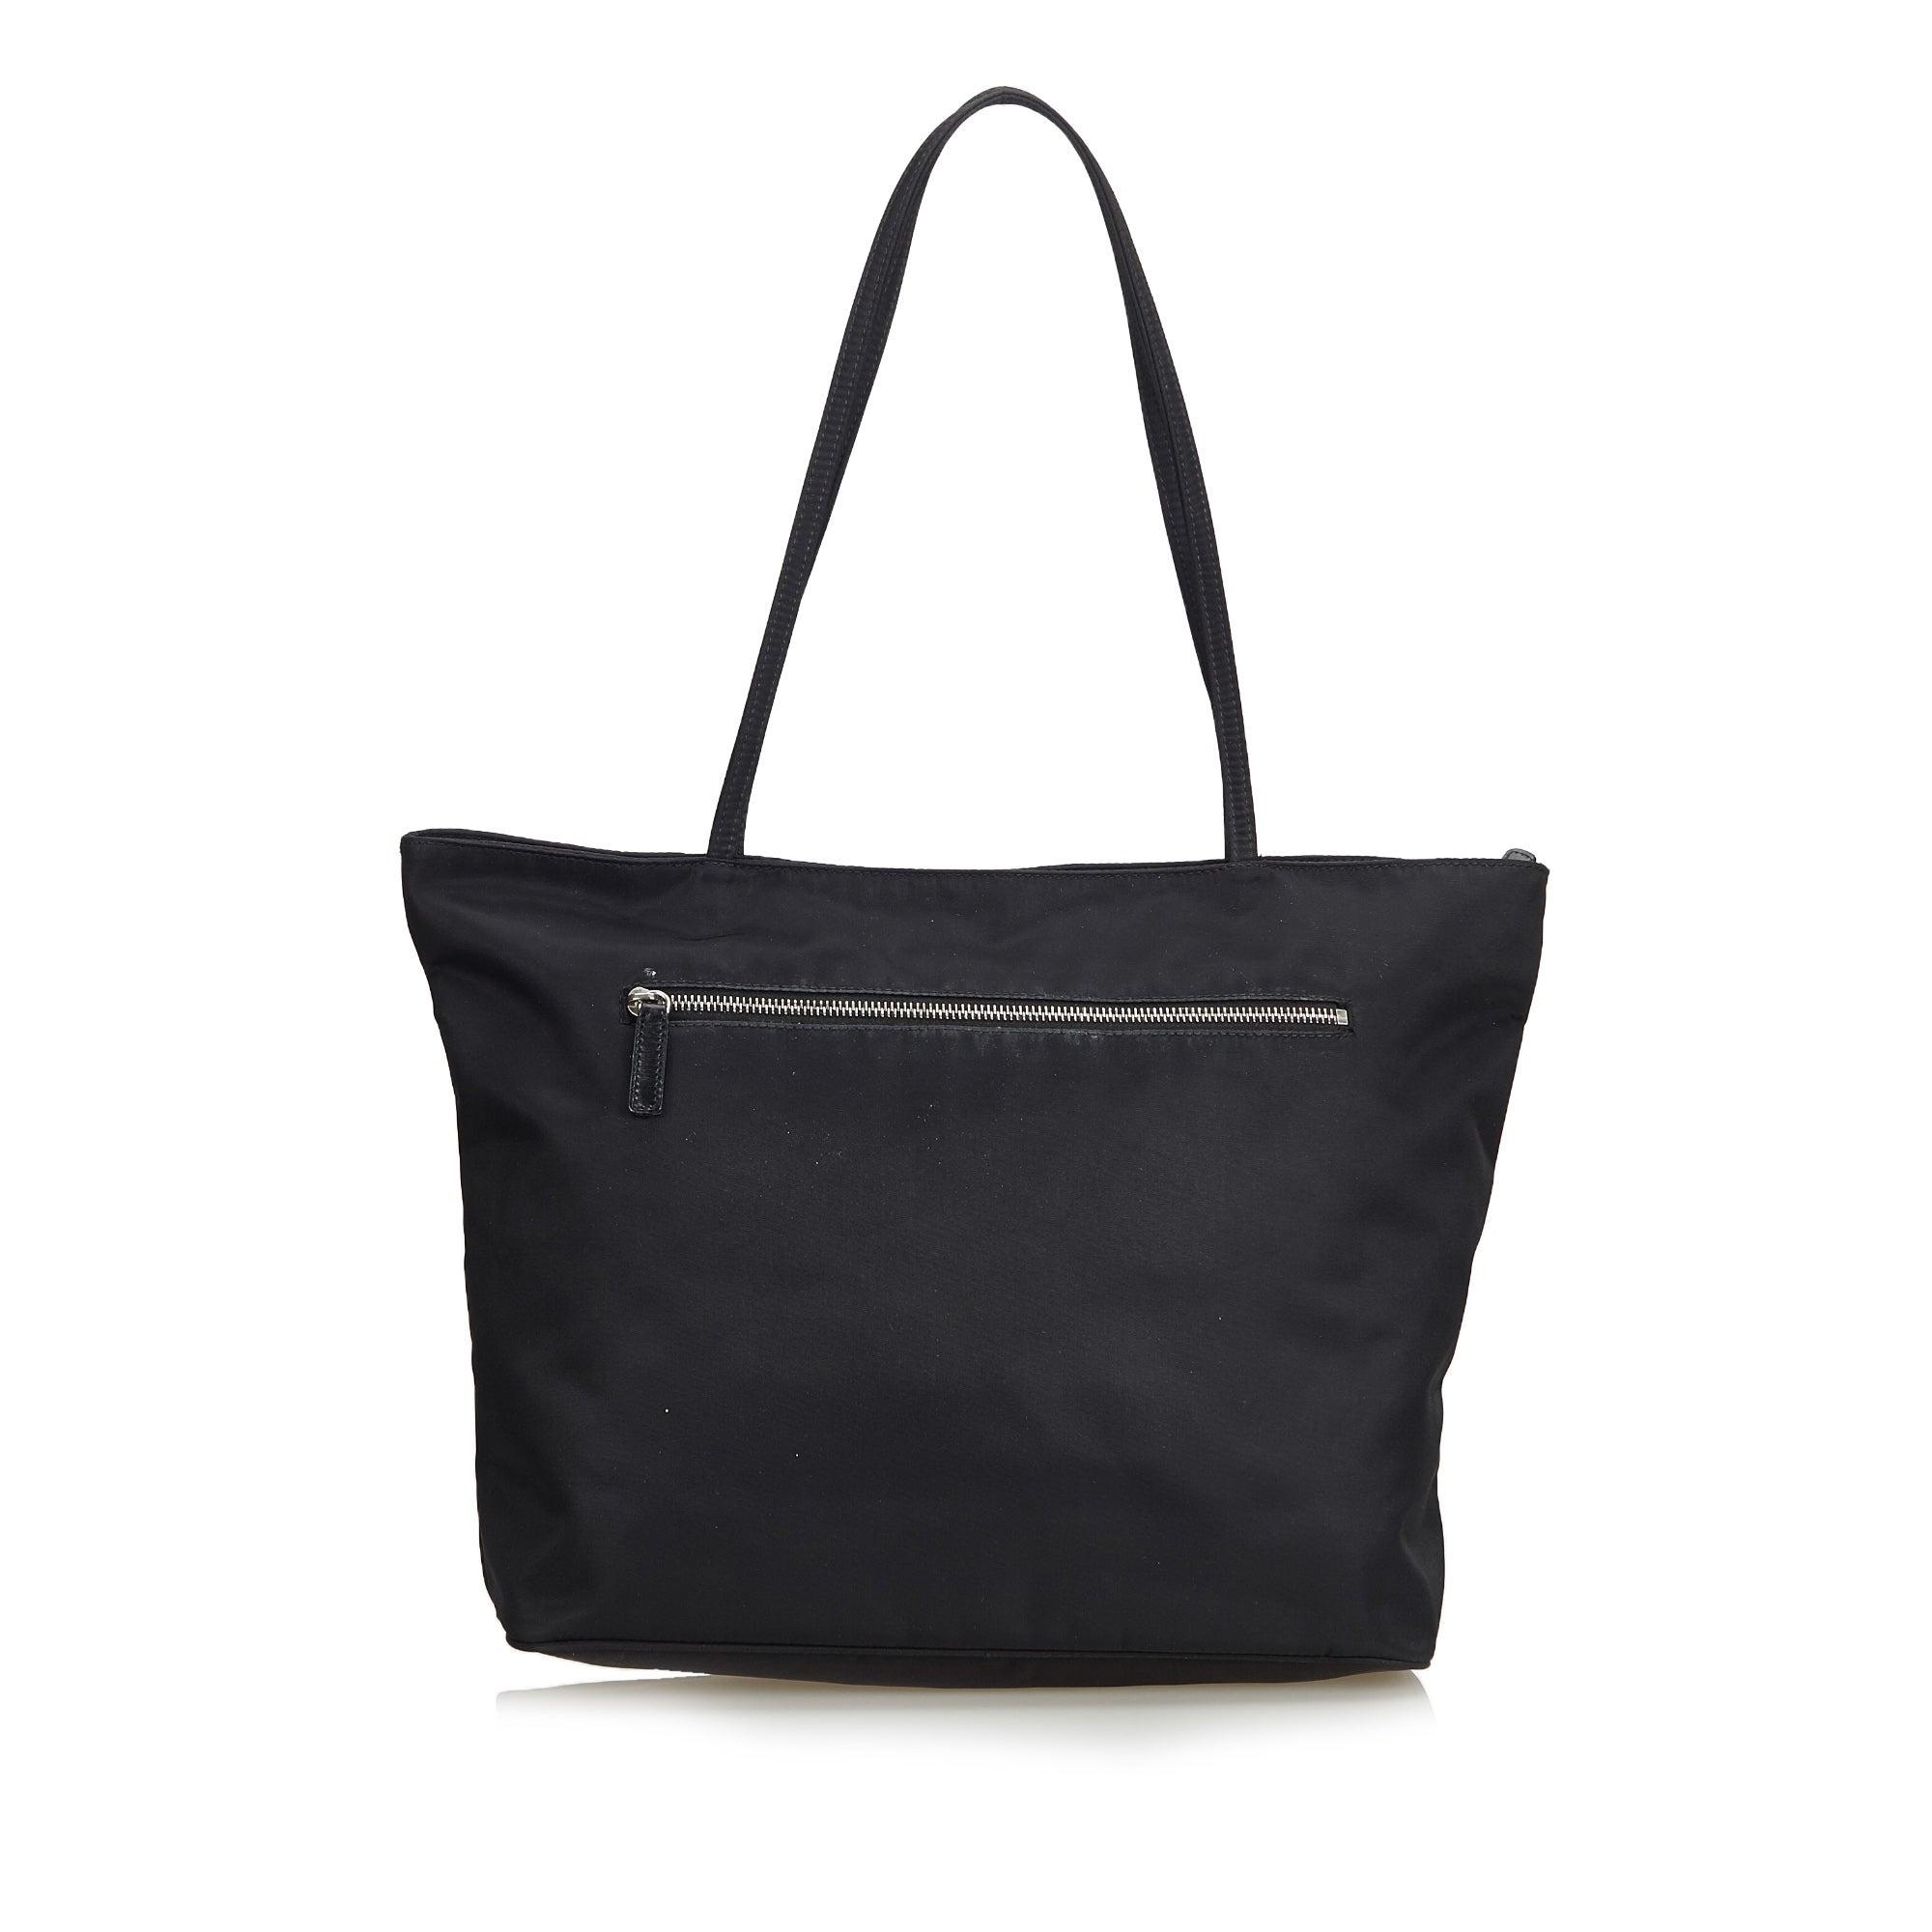 889fe8d73e3 Fendi Black Nylon Tote Bag at 1stdibs